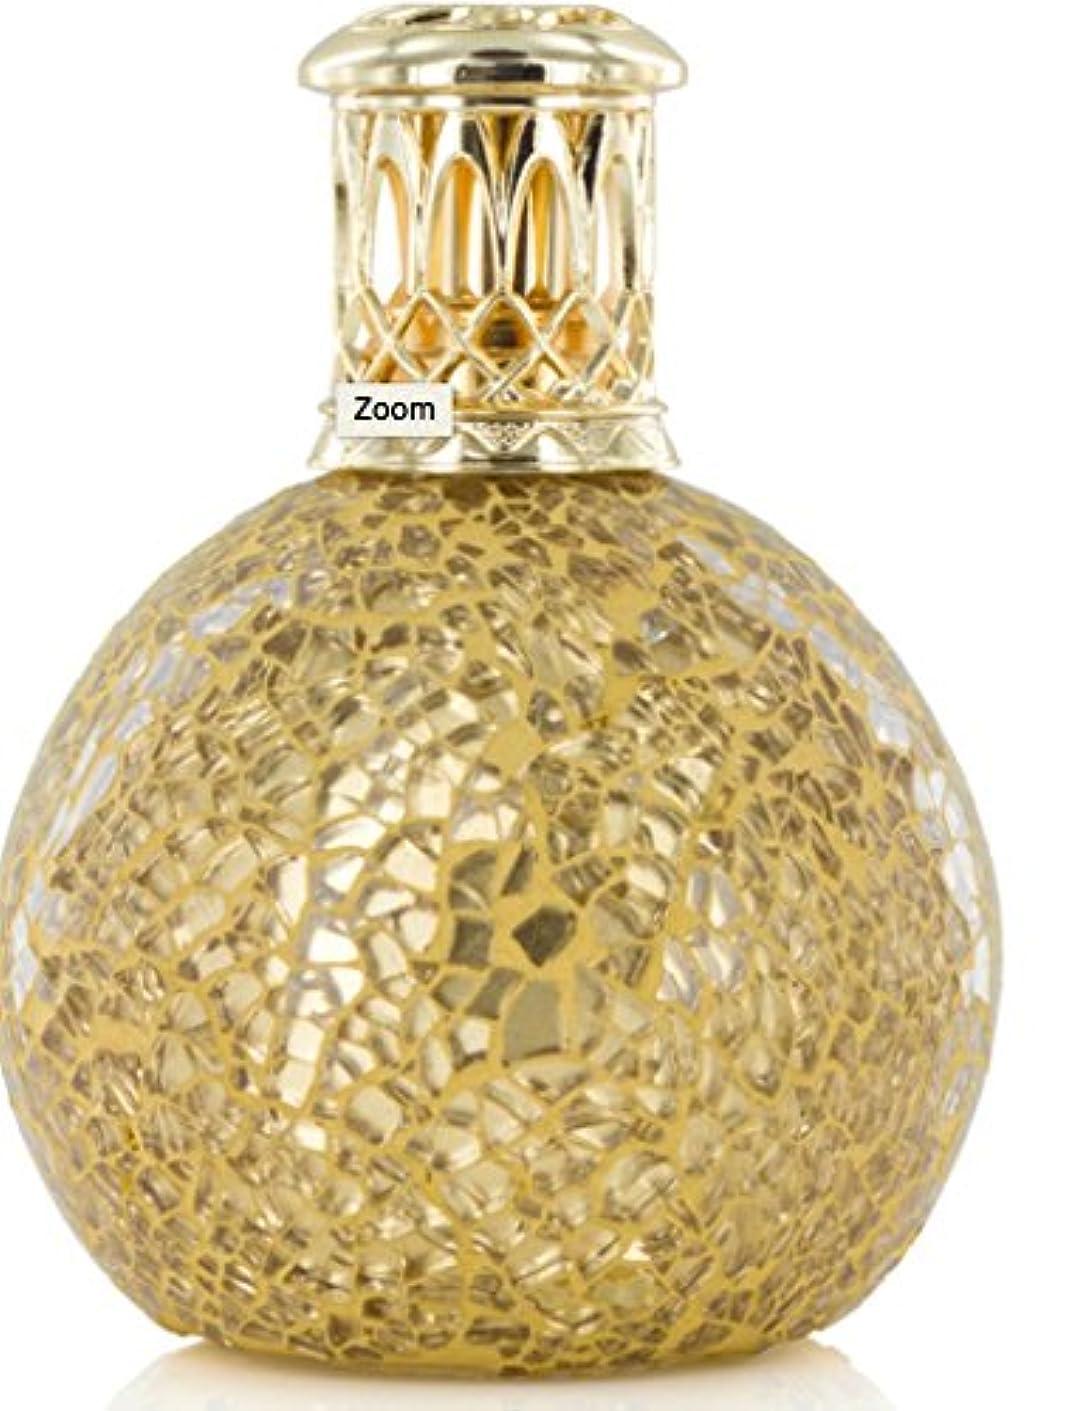 既にペルソナ悪用Ashleigh&Burwood フレグランスランプ S ゴールデンオーブ FragranceLamps sizeS GoldenOrb アシュレイ&バーウッド